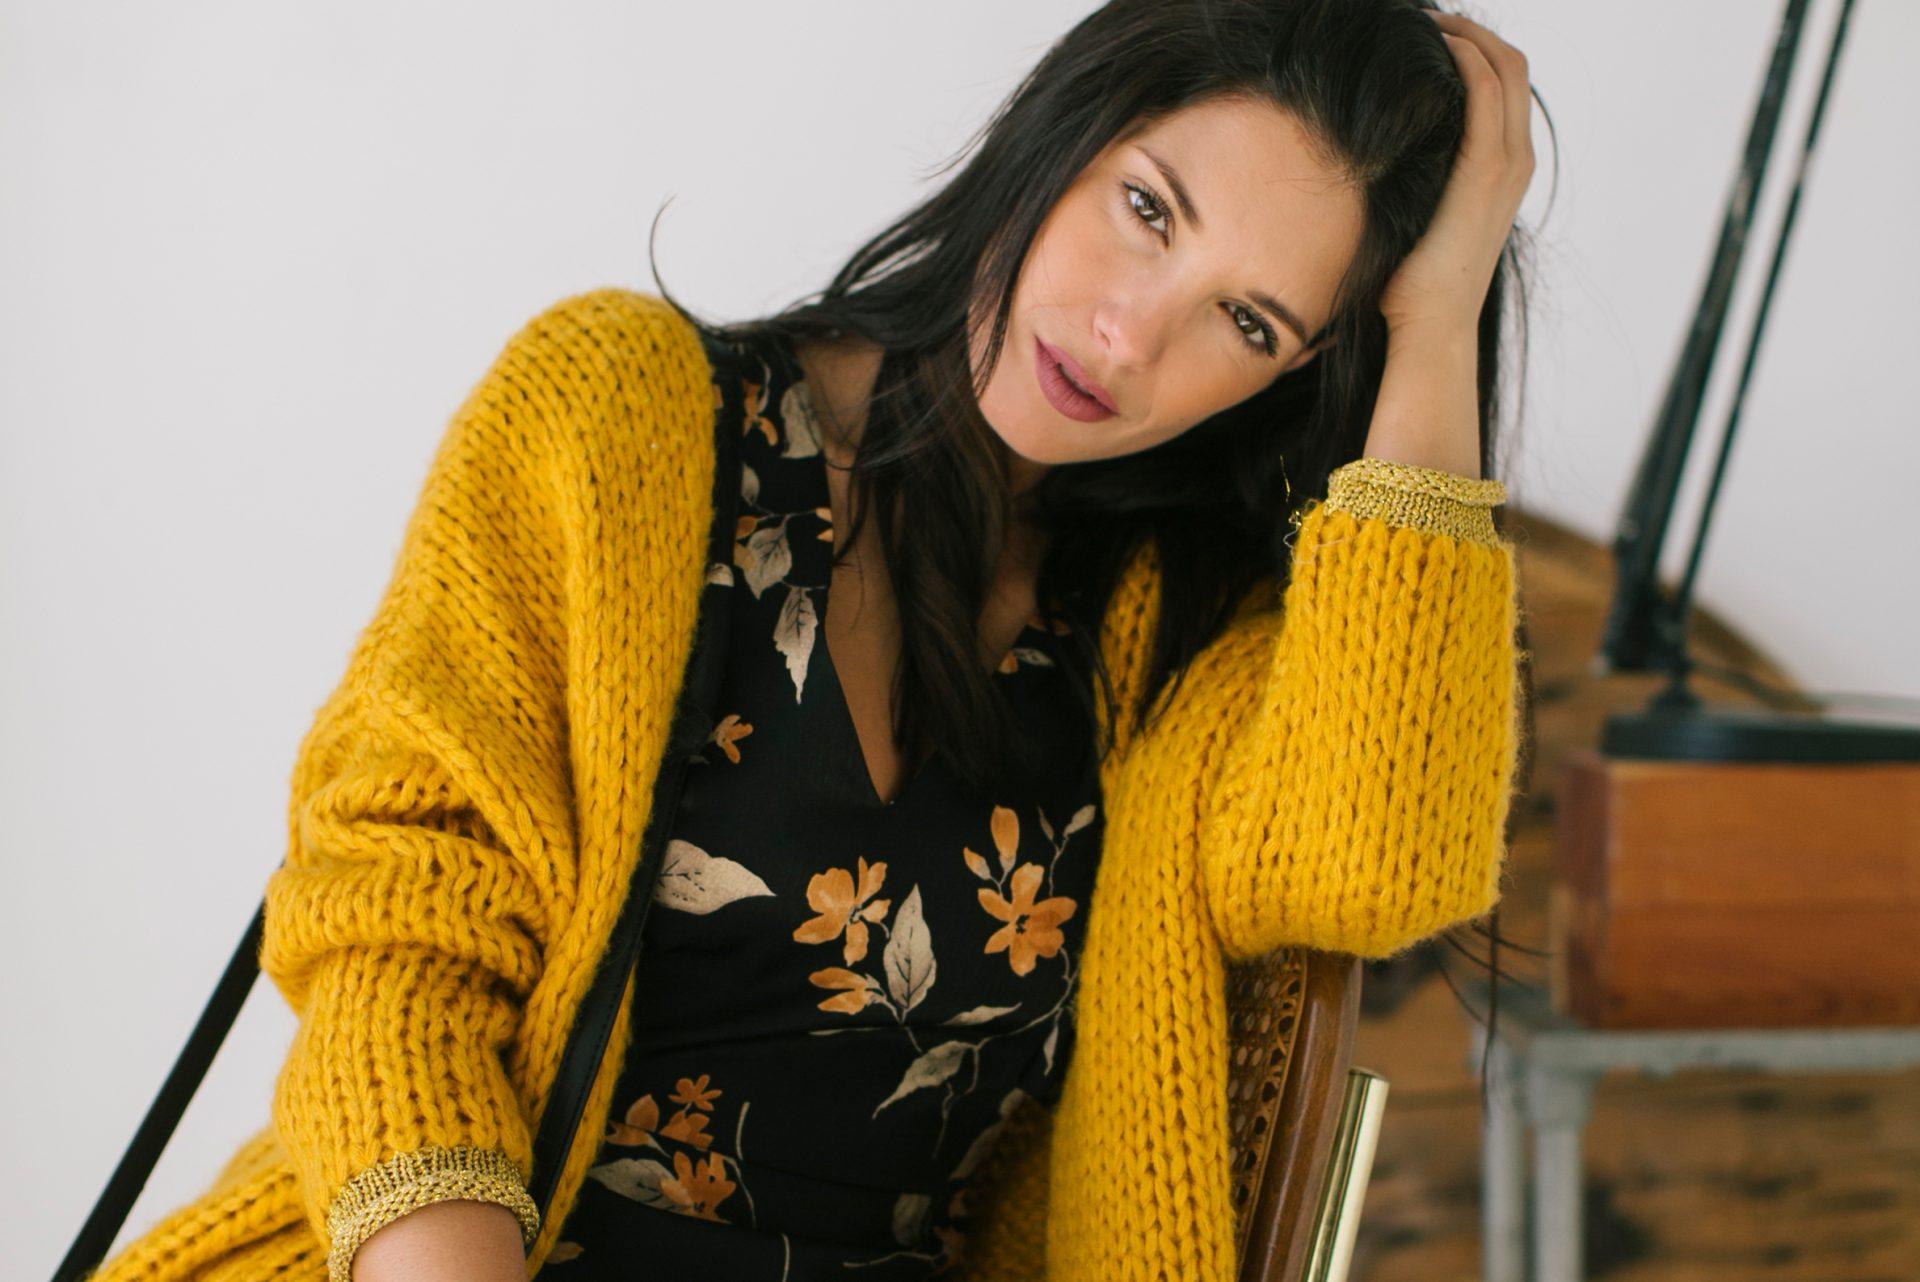 Otoño invierno: jersey color mostaza con blusa floral negra